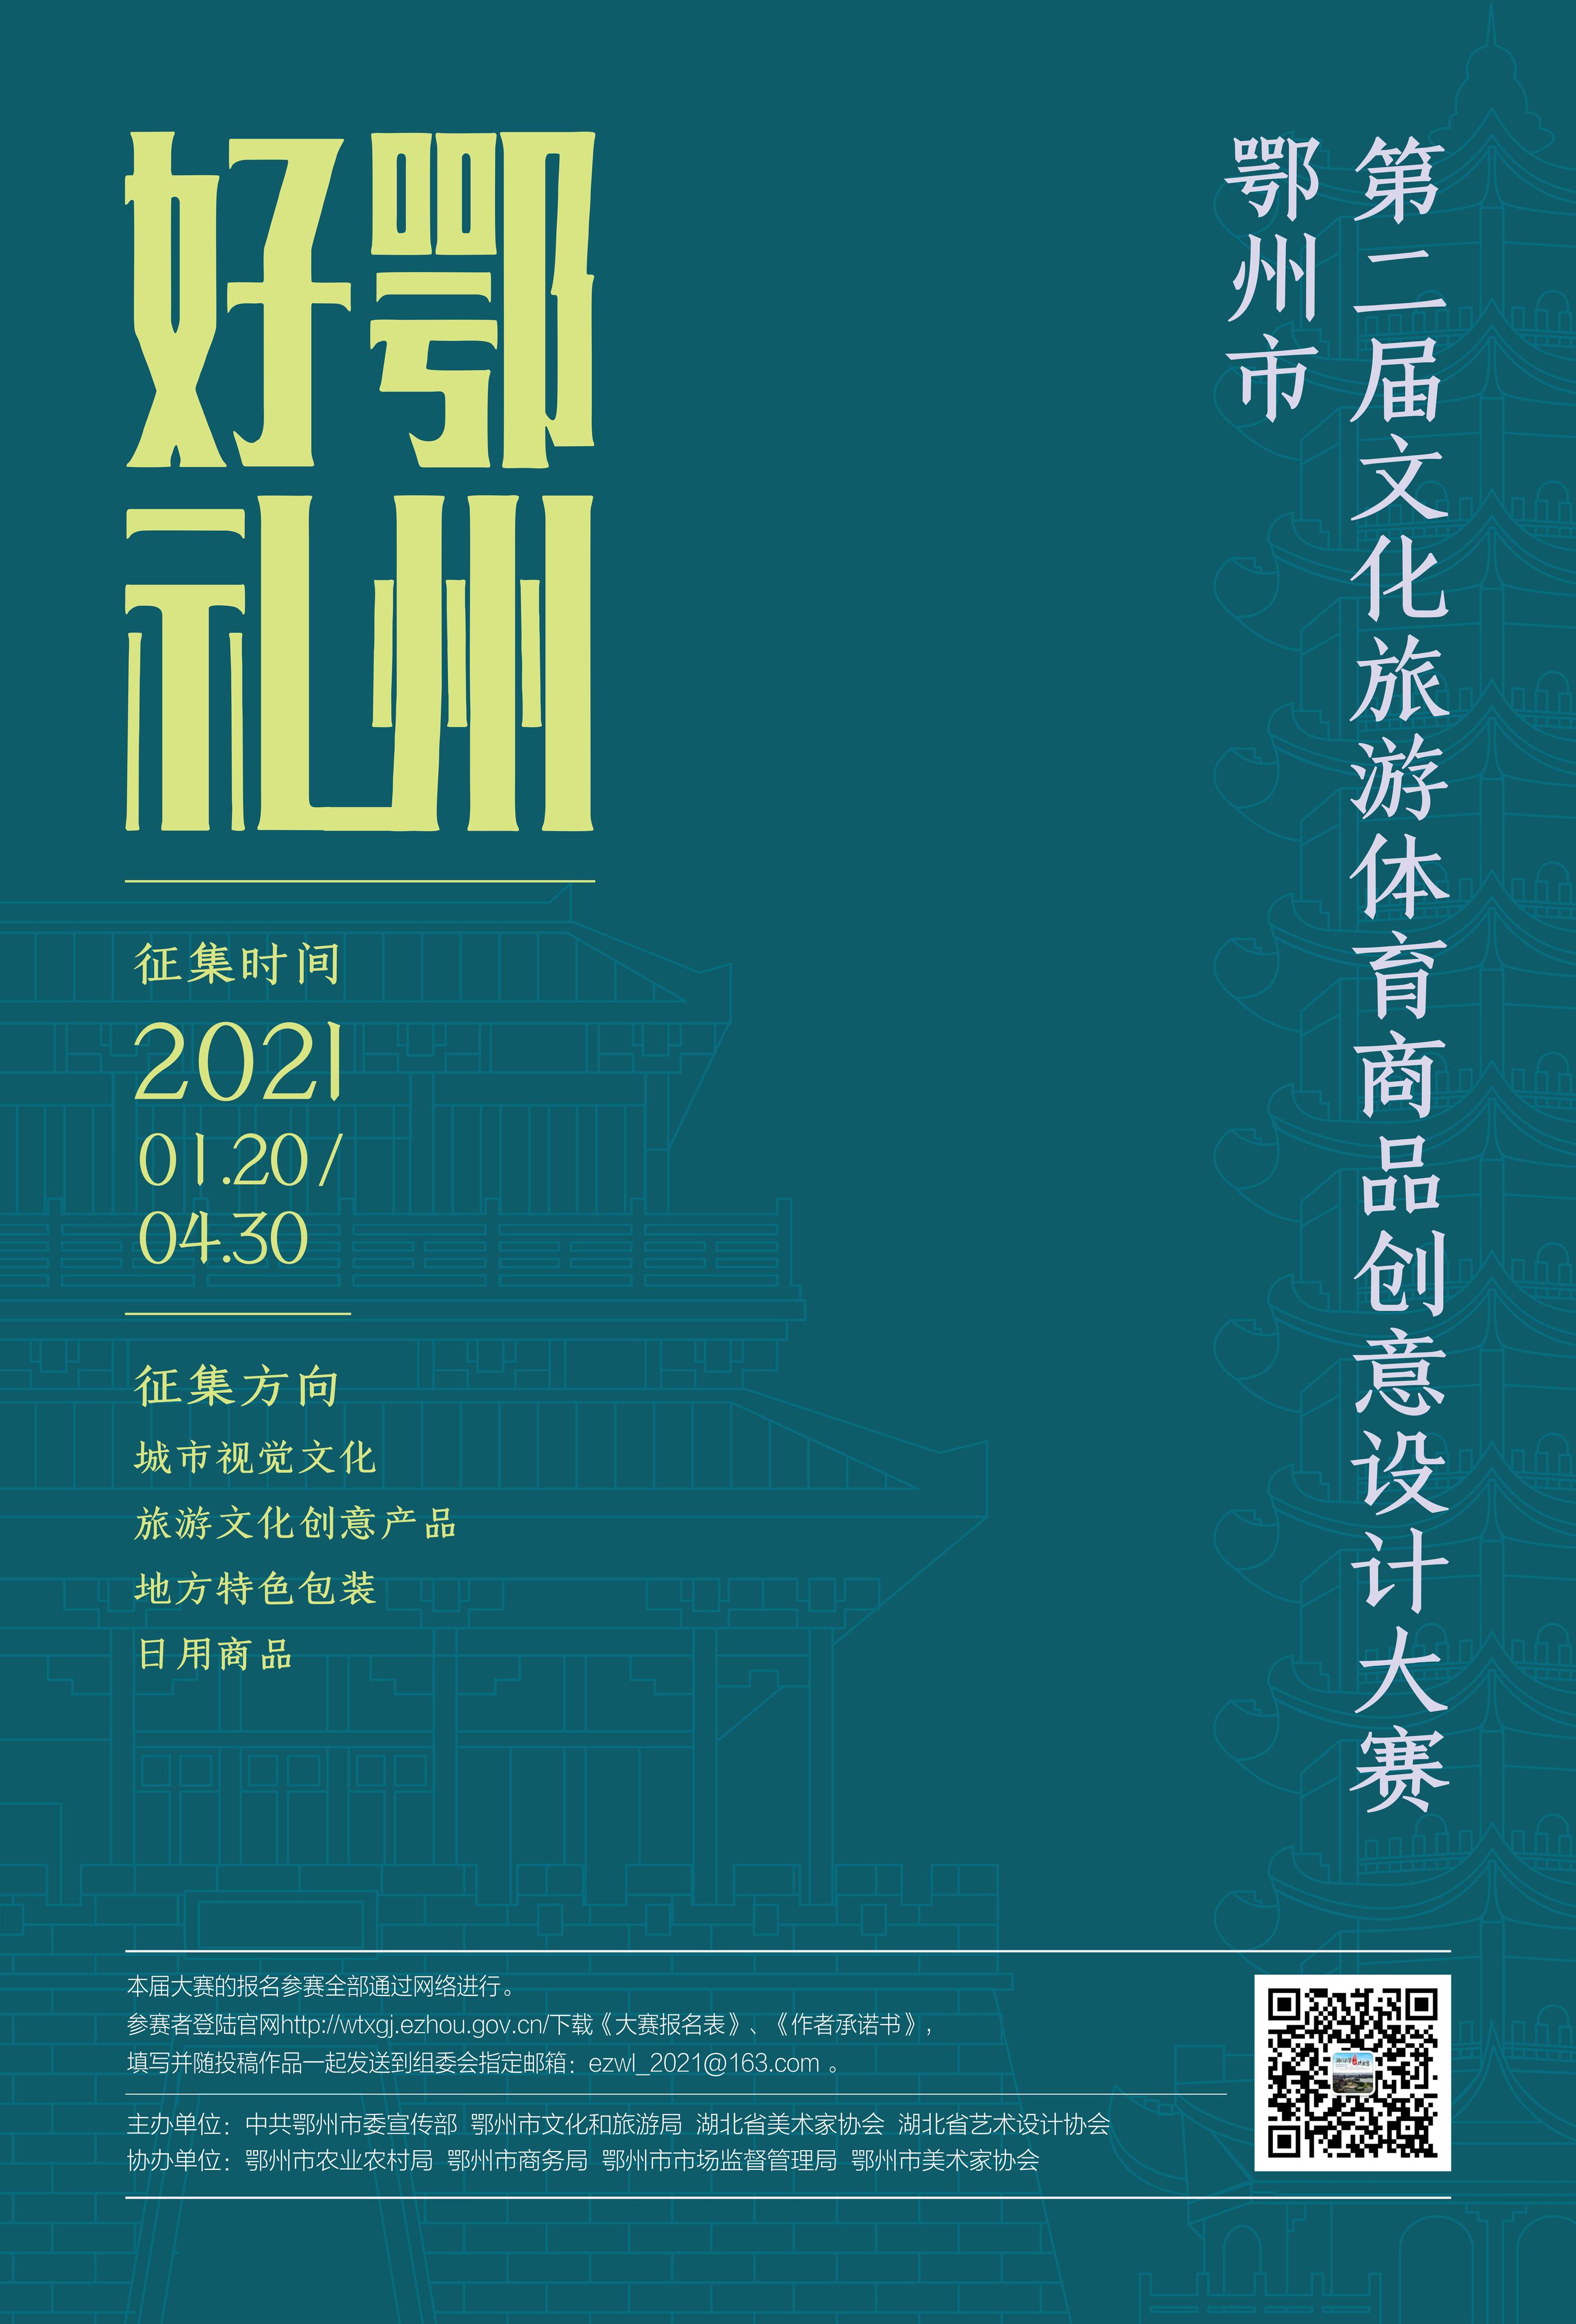 鄂州市第二届文化旅游体育商品创意设计大赛征集启事